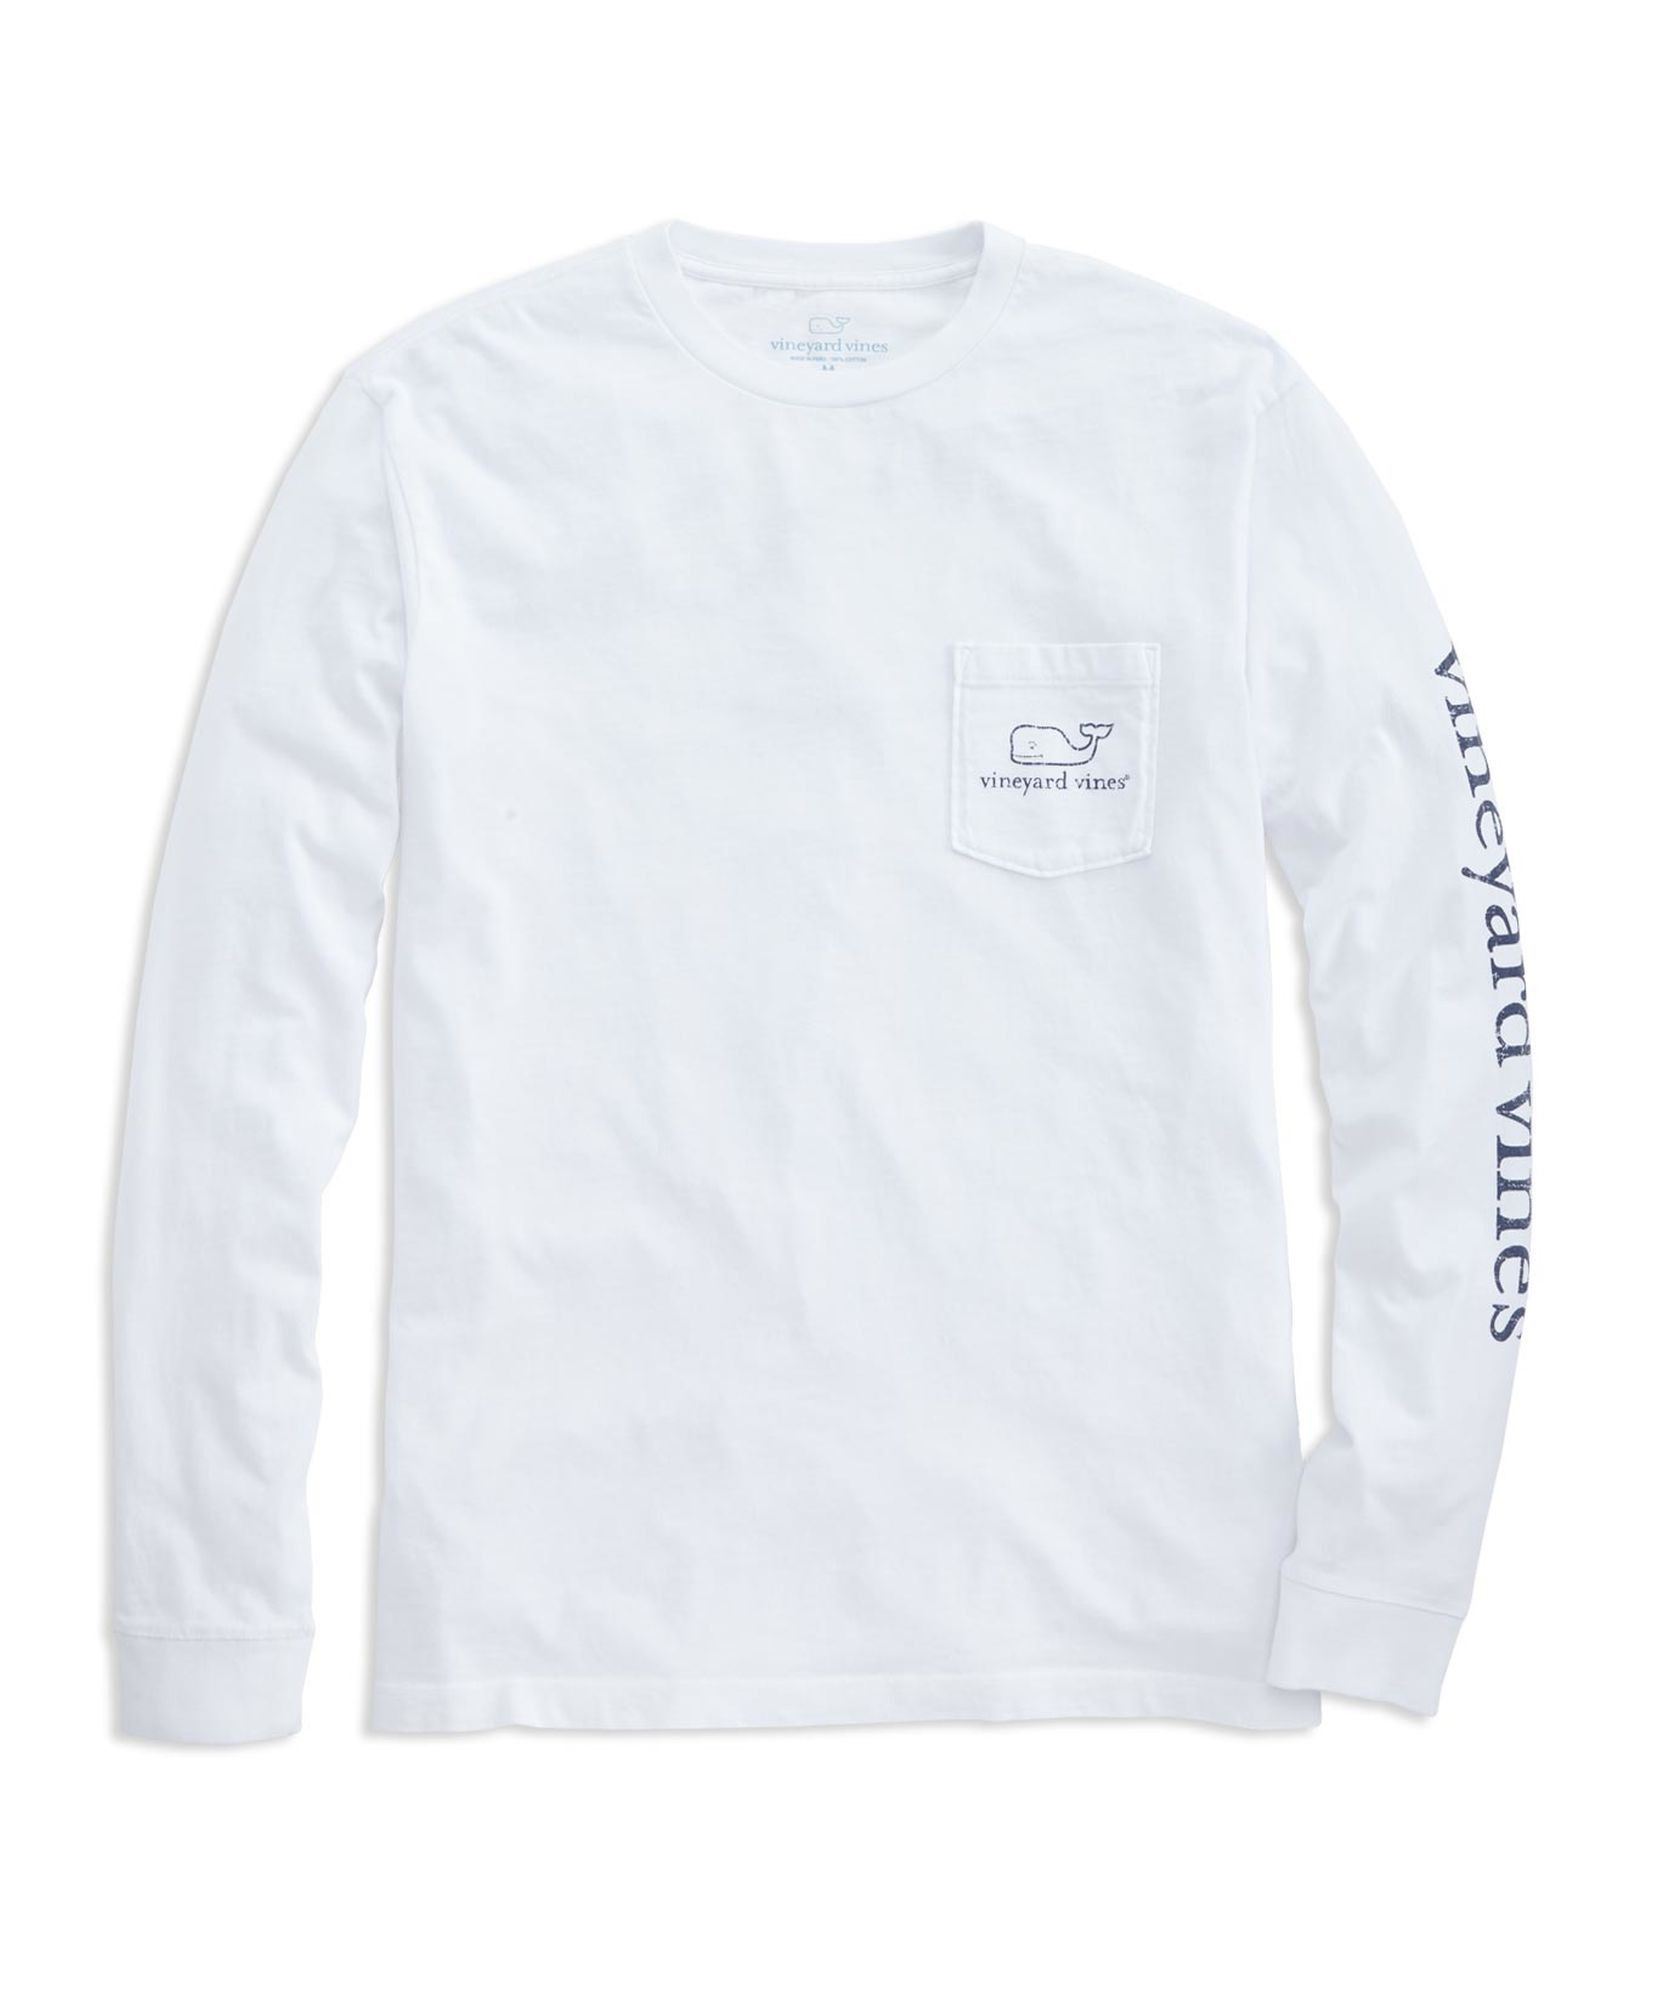 aaeee08ec Vineyard Vines | Long Sleeve Vintage Whale Graphic T-Shirt in 2019 ...